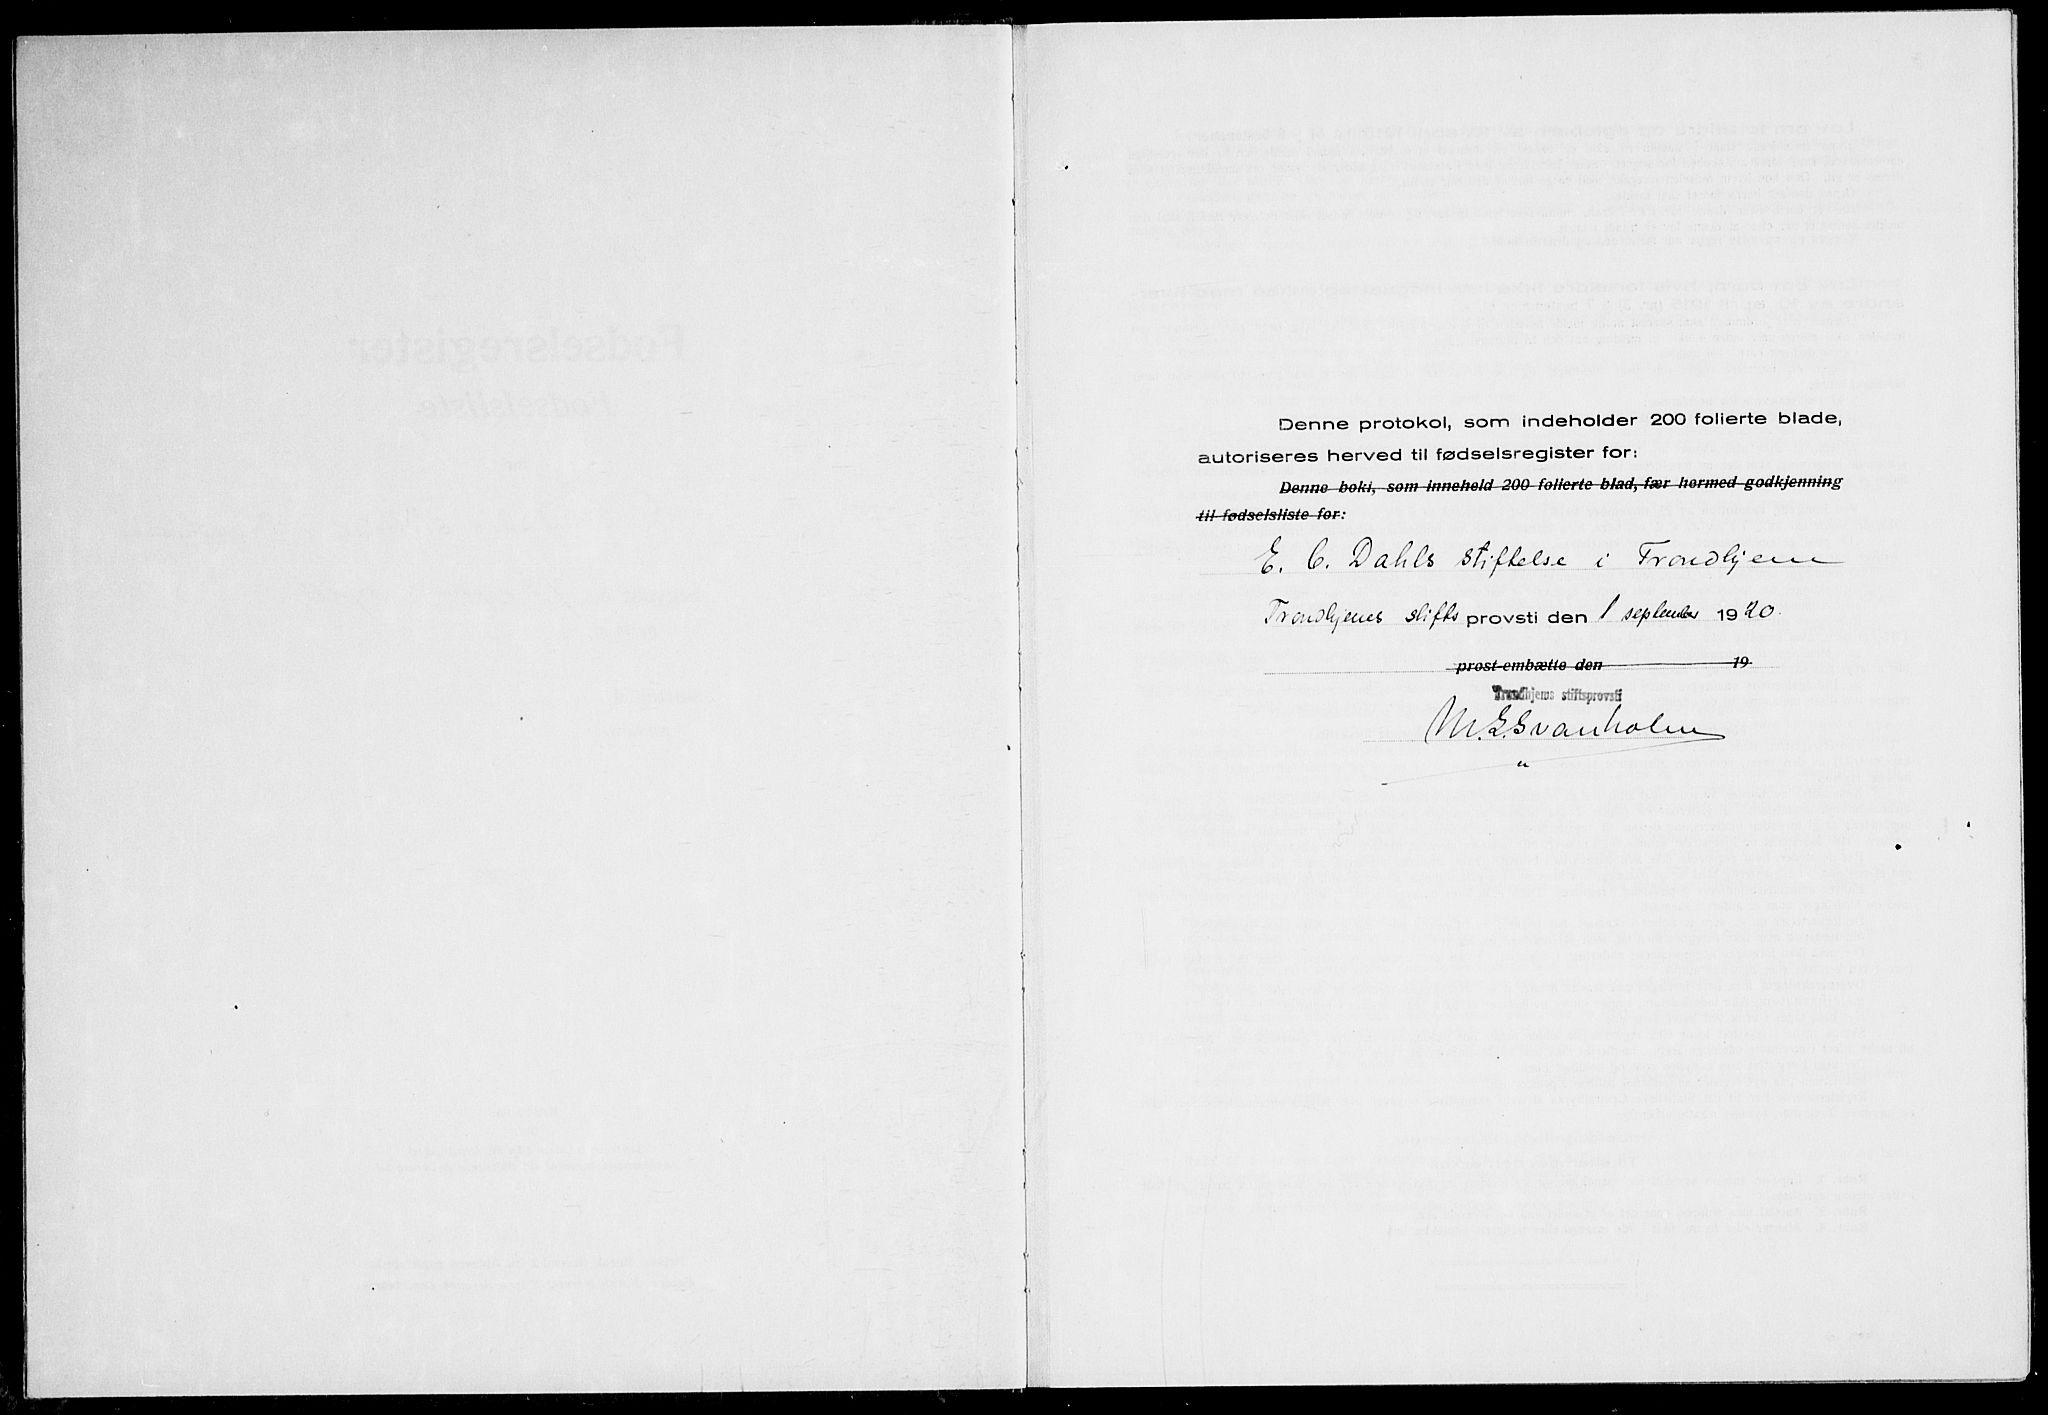 SAT, Ministerialprotokoller, klokkerbøker og fødselsregistre - Sør-Trøndelag, 600/L0003: Birth register no. 600.II.4.2, 1920-1924